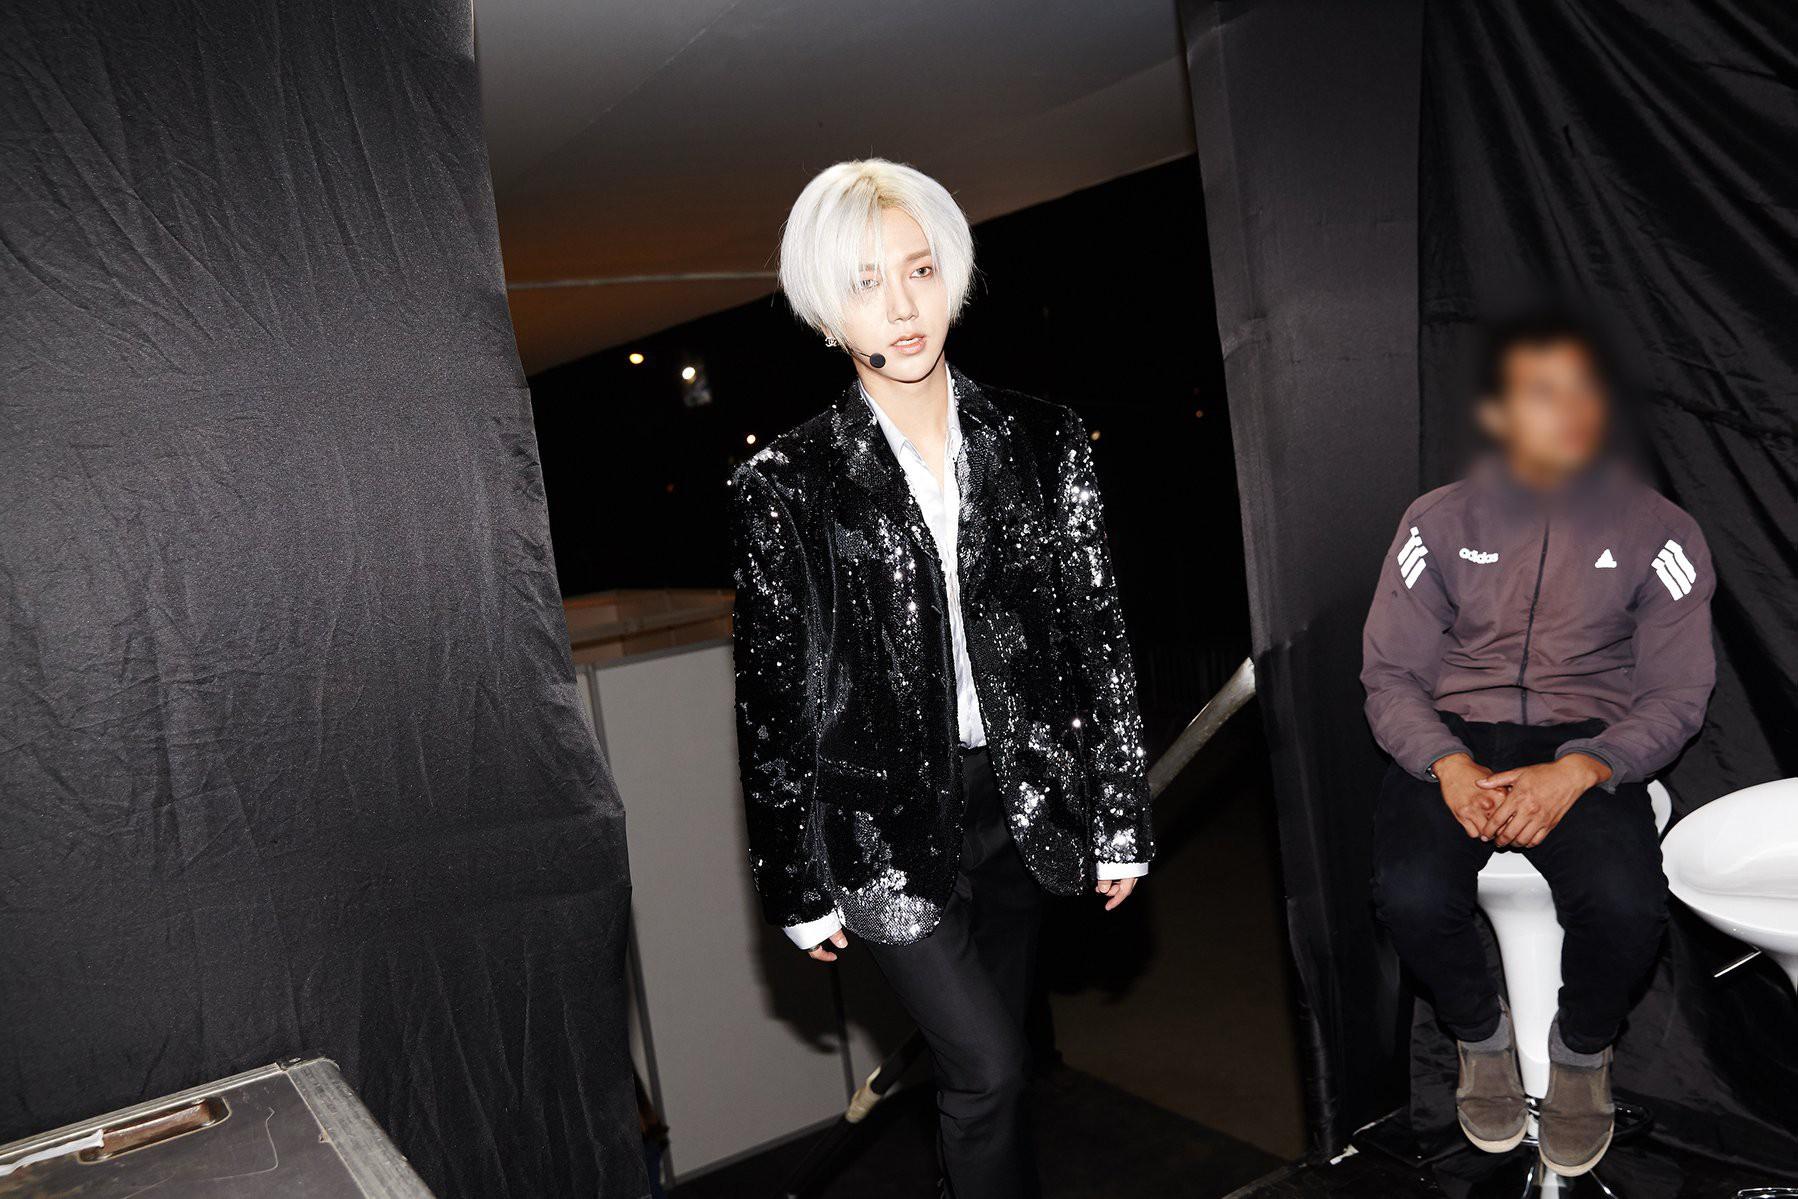 Super Junior cho fan ná thở với loạt ảnh lung linh từ tour thế giới - Ảnh 6.